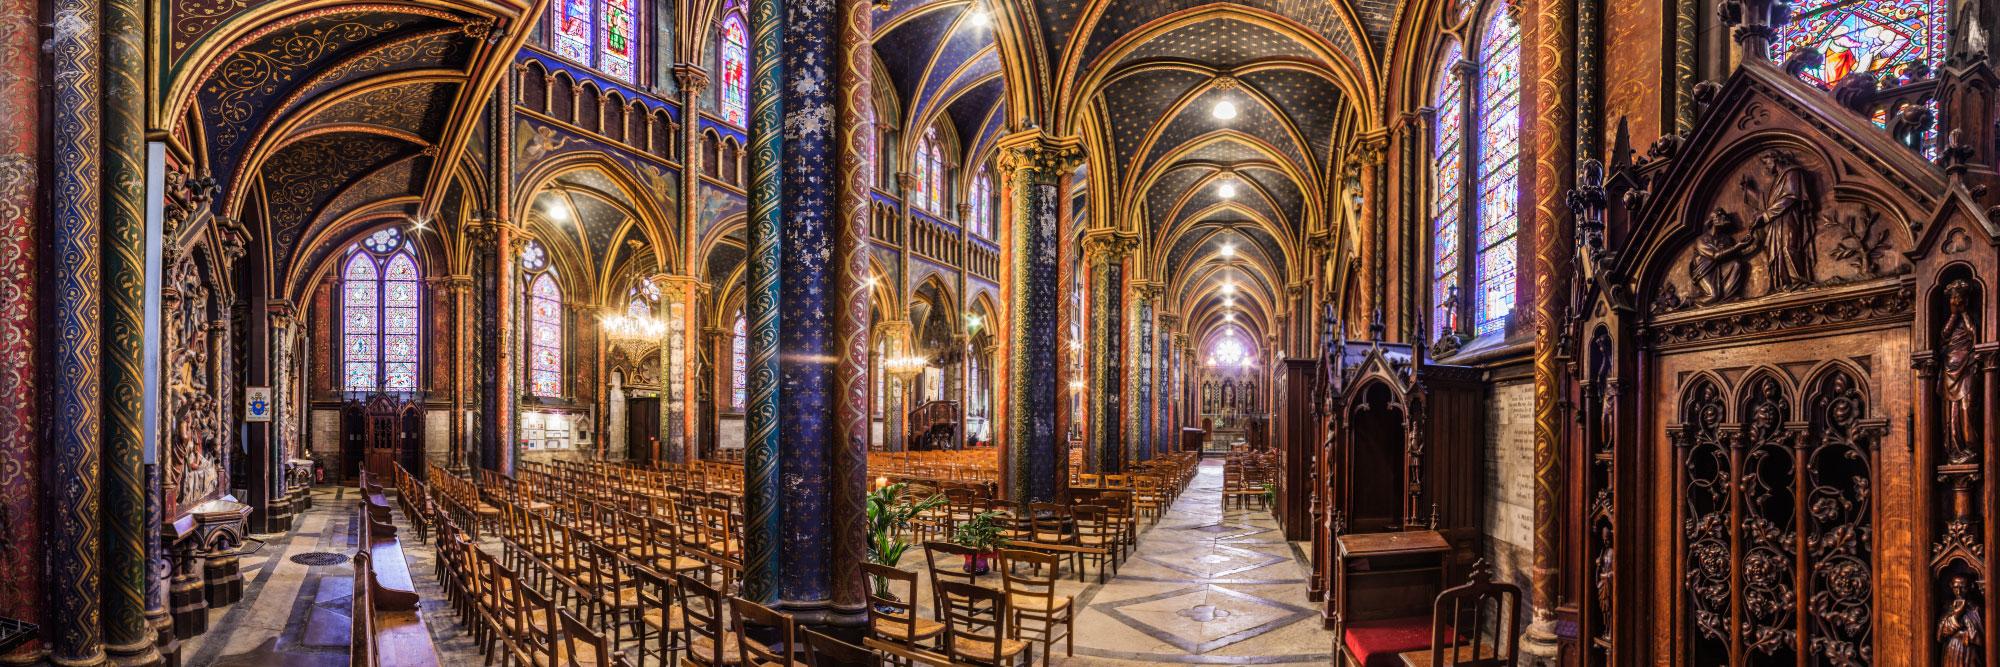 Basilique Notre-Dame de Bonsecours, Rouen